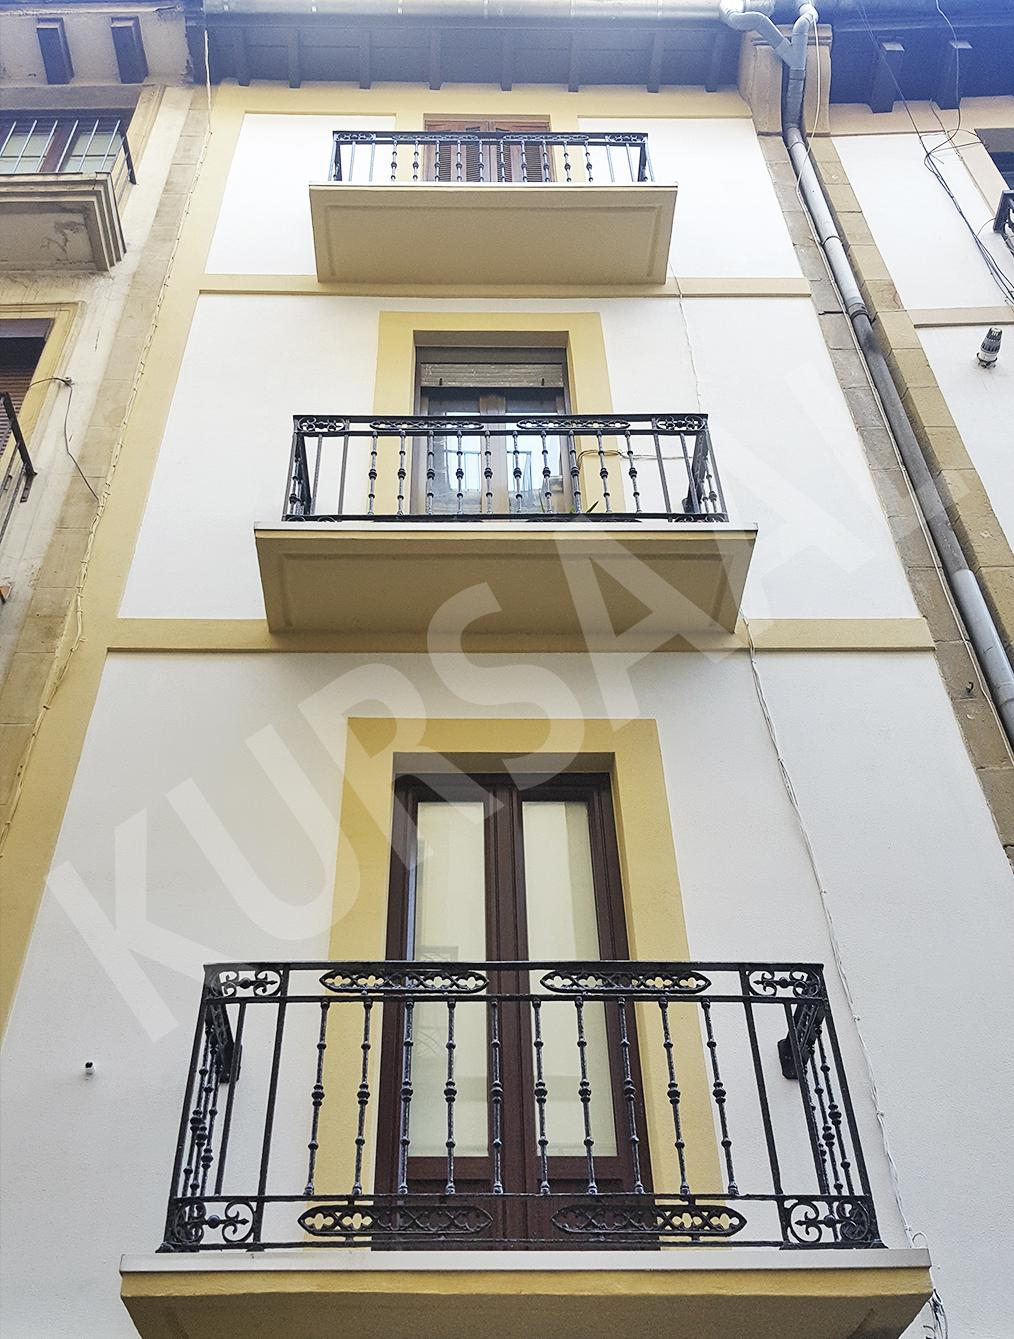 foto 4 - Restauración y patrimonio-Juan de Bilbao 4-DONOSTIA